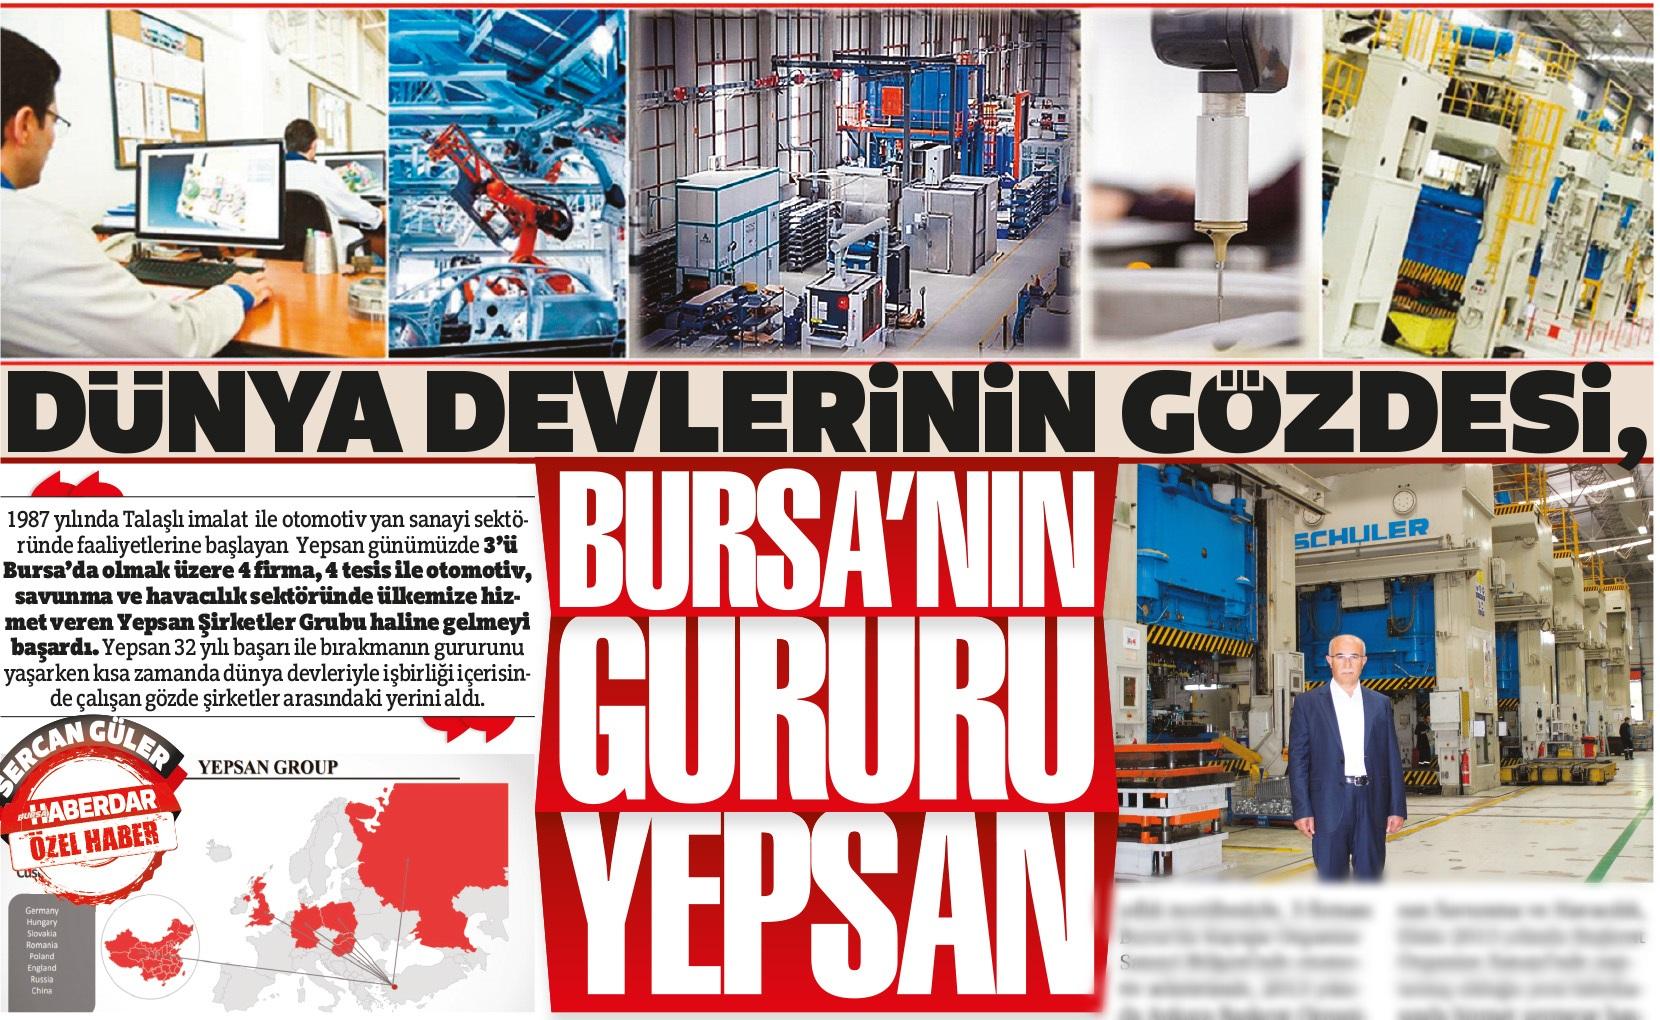 Dünya devlerinin gözdesi, Bursa'nın gururu YEPSAN